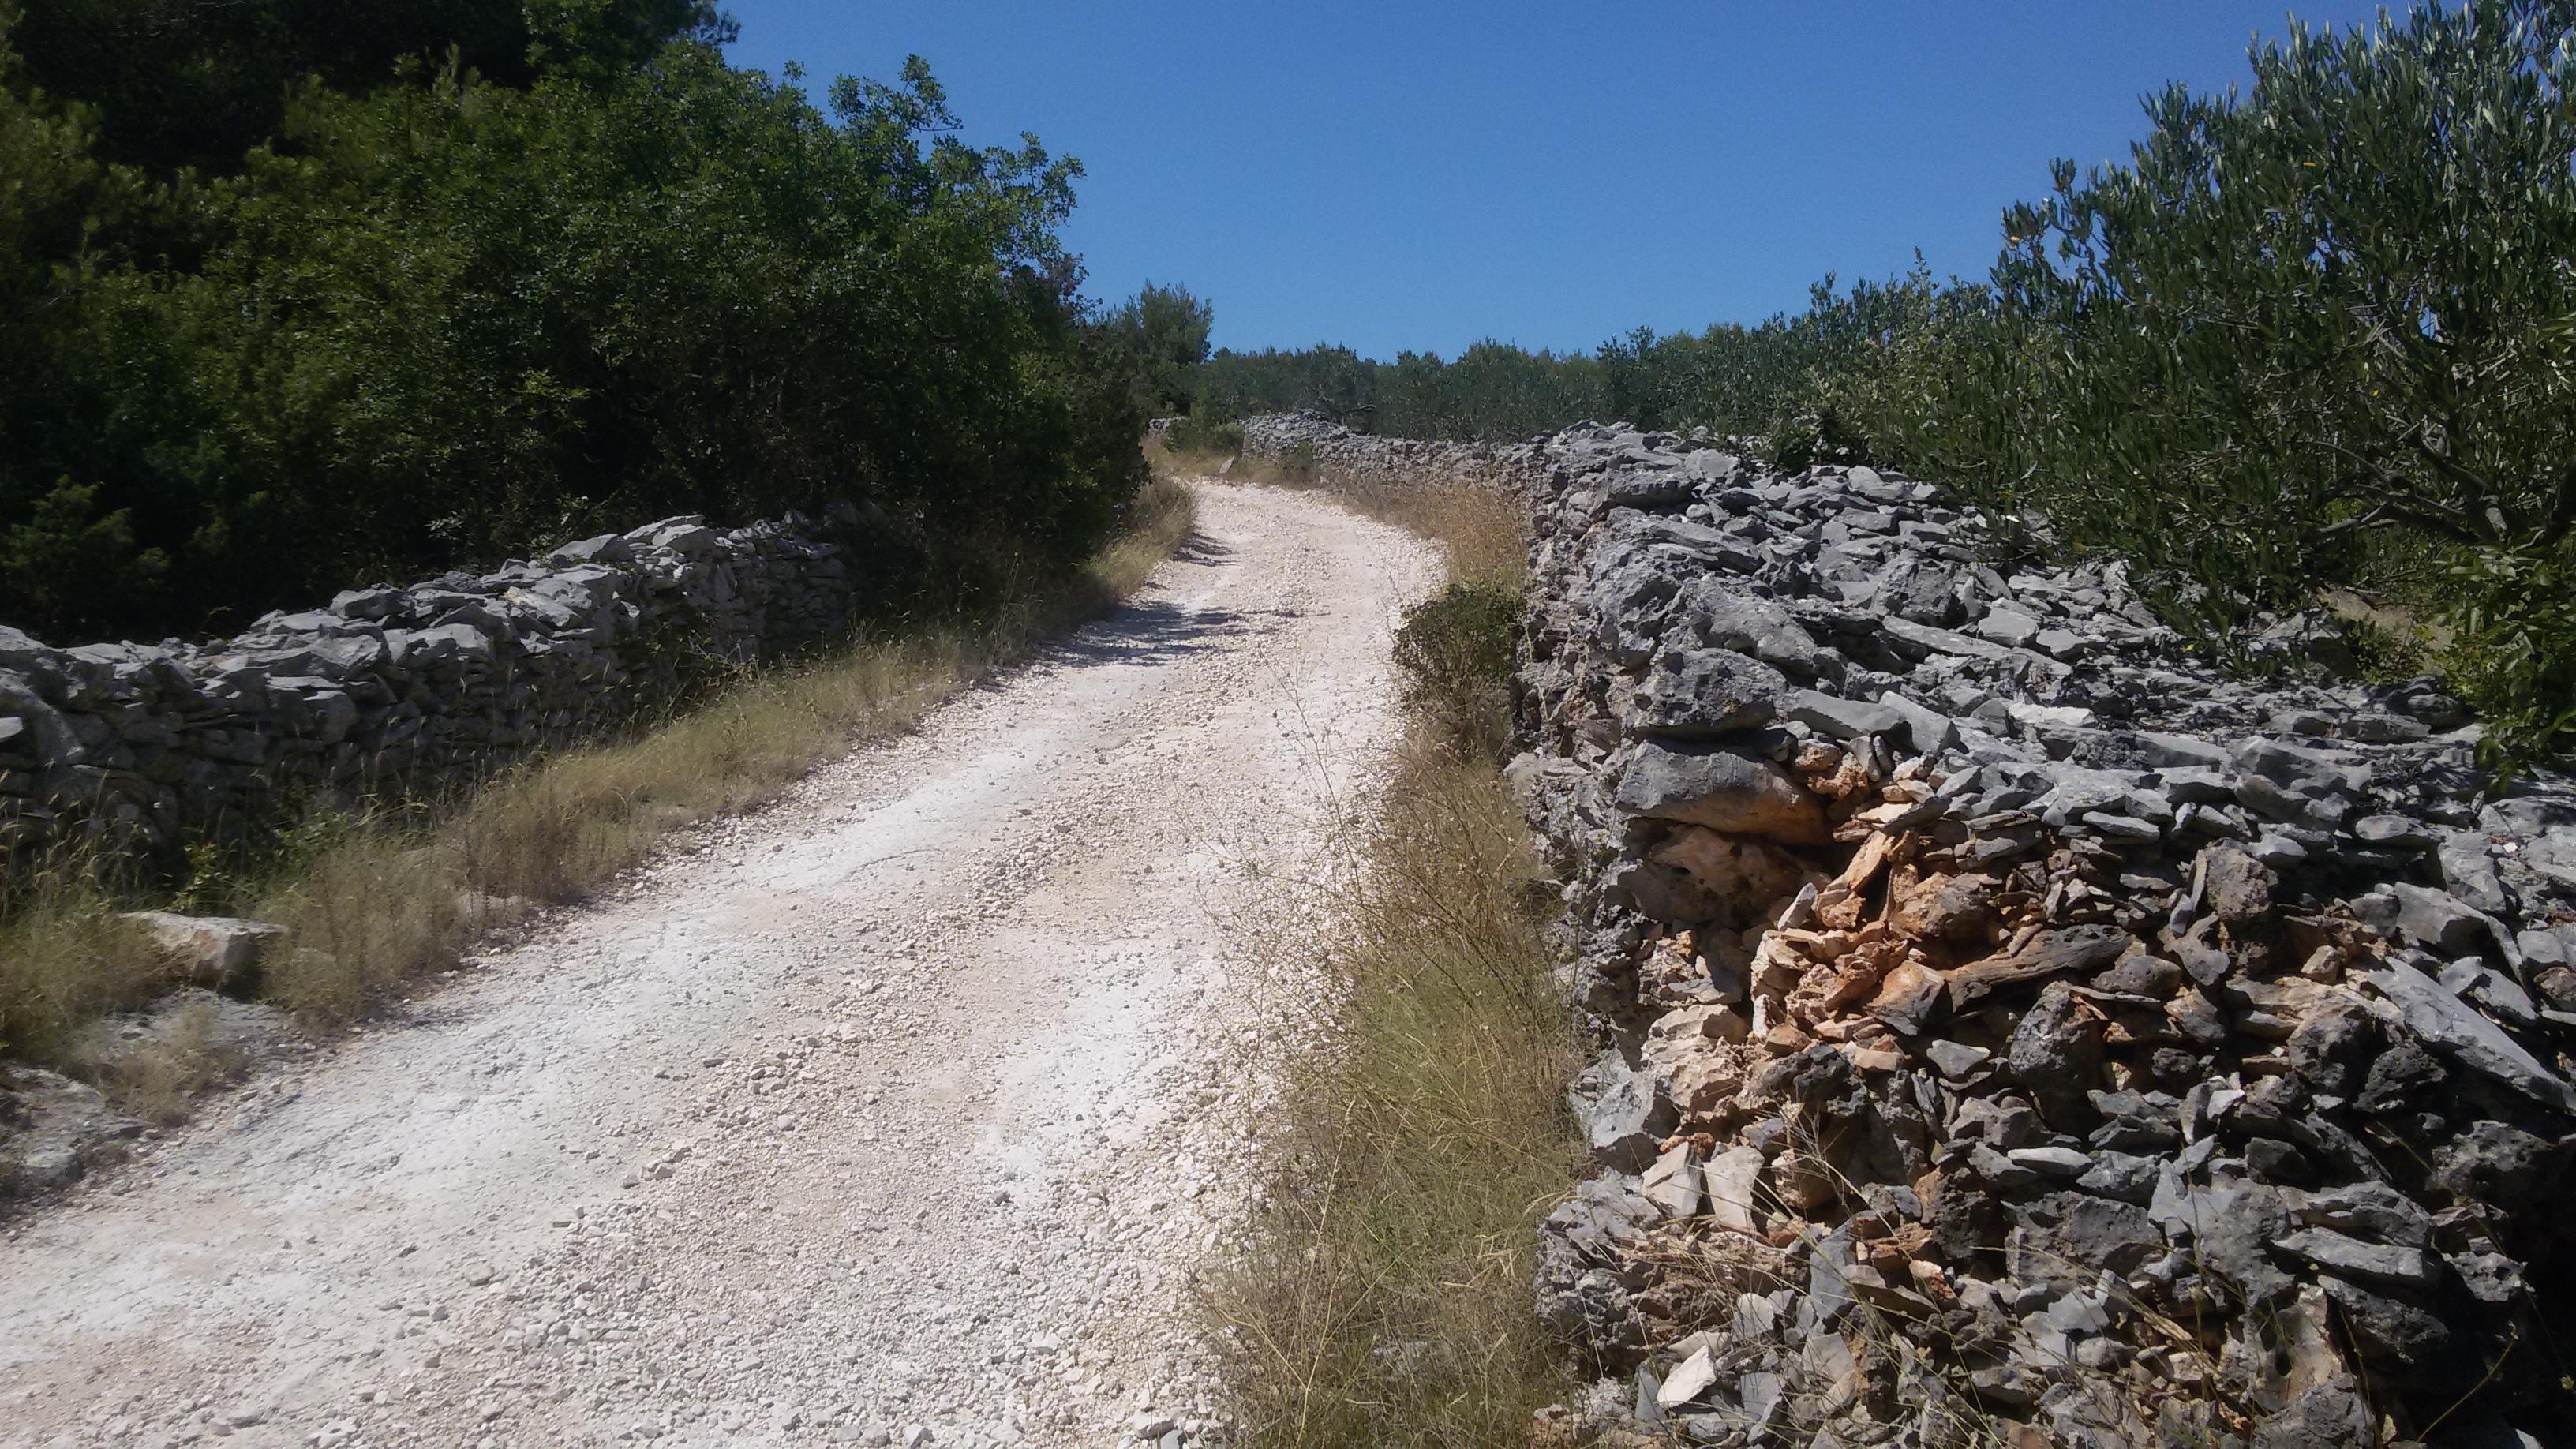 Ez az út, amiről beszéltem :) bár kitaposott, de nem zsúfolt